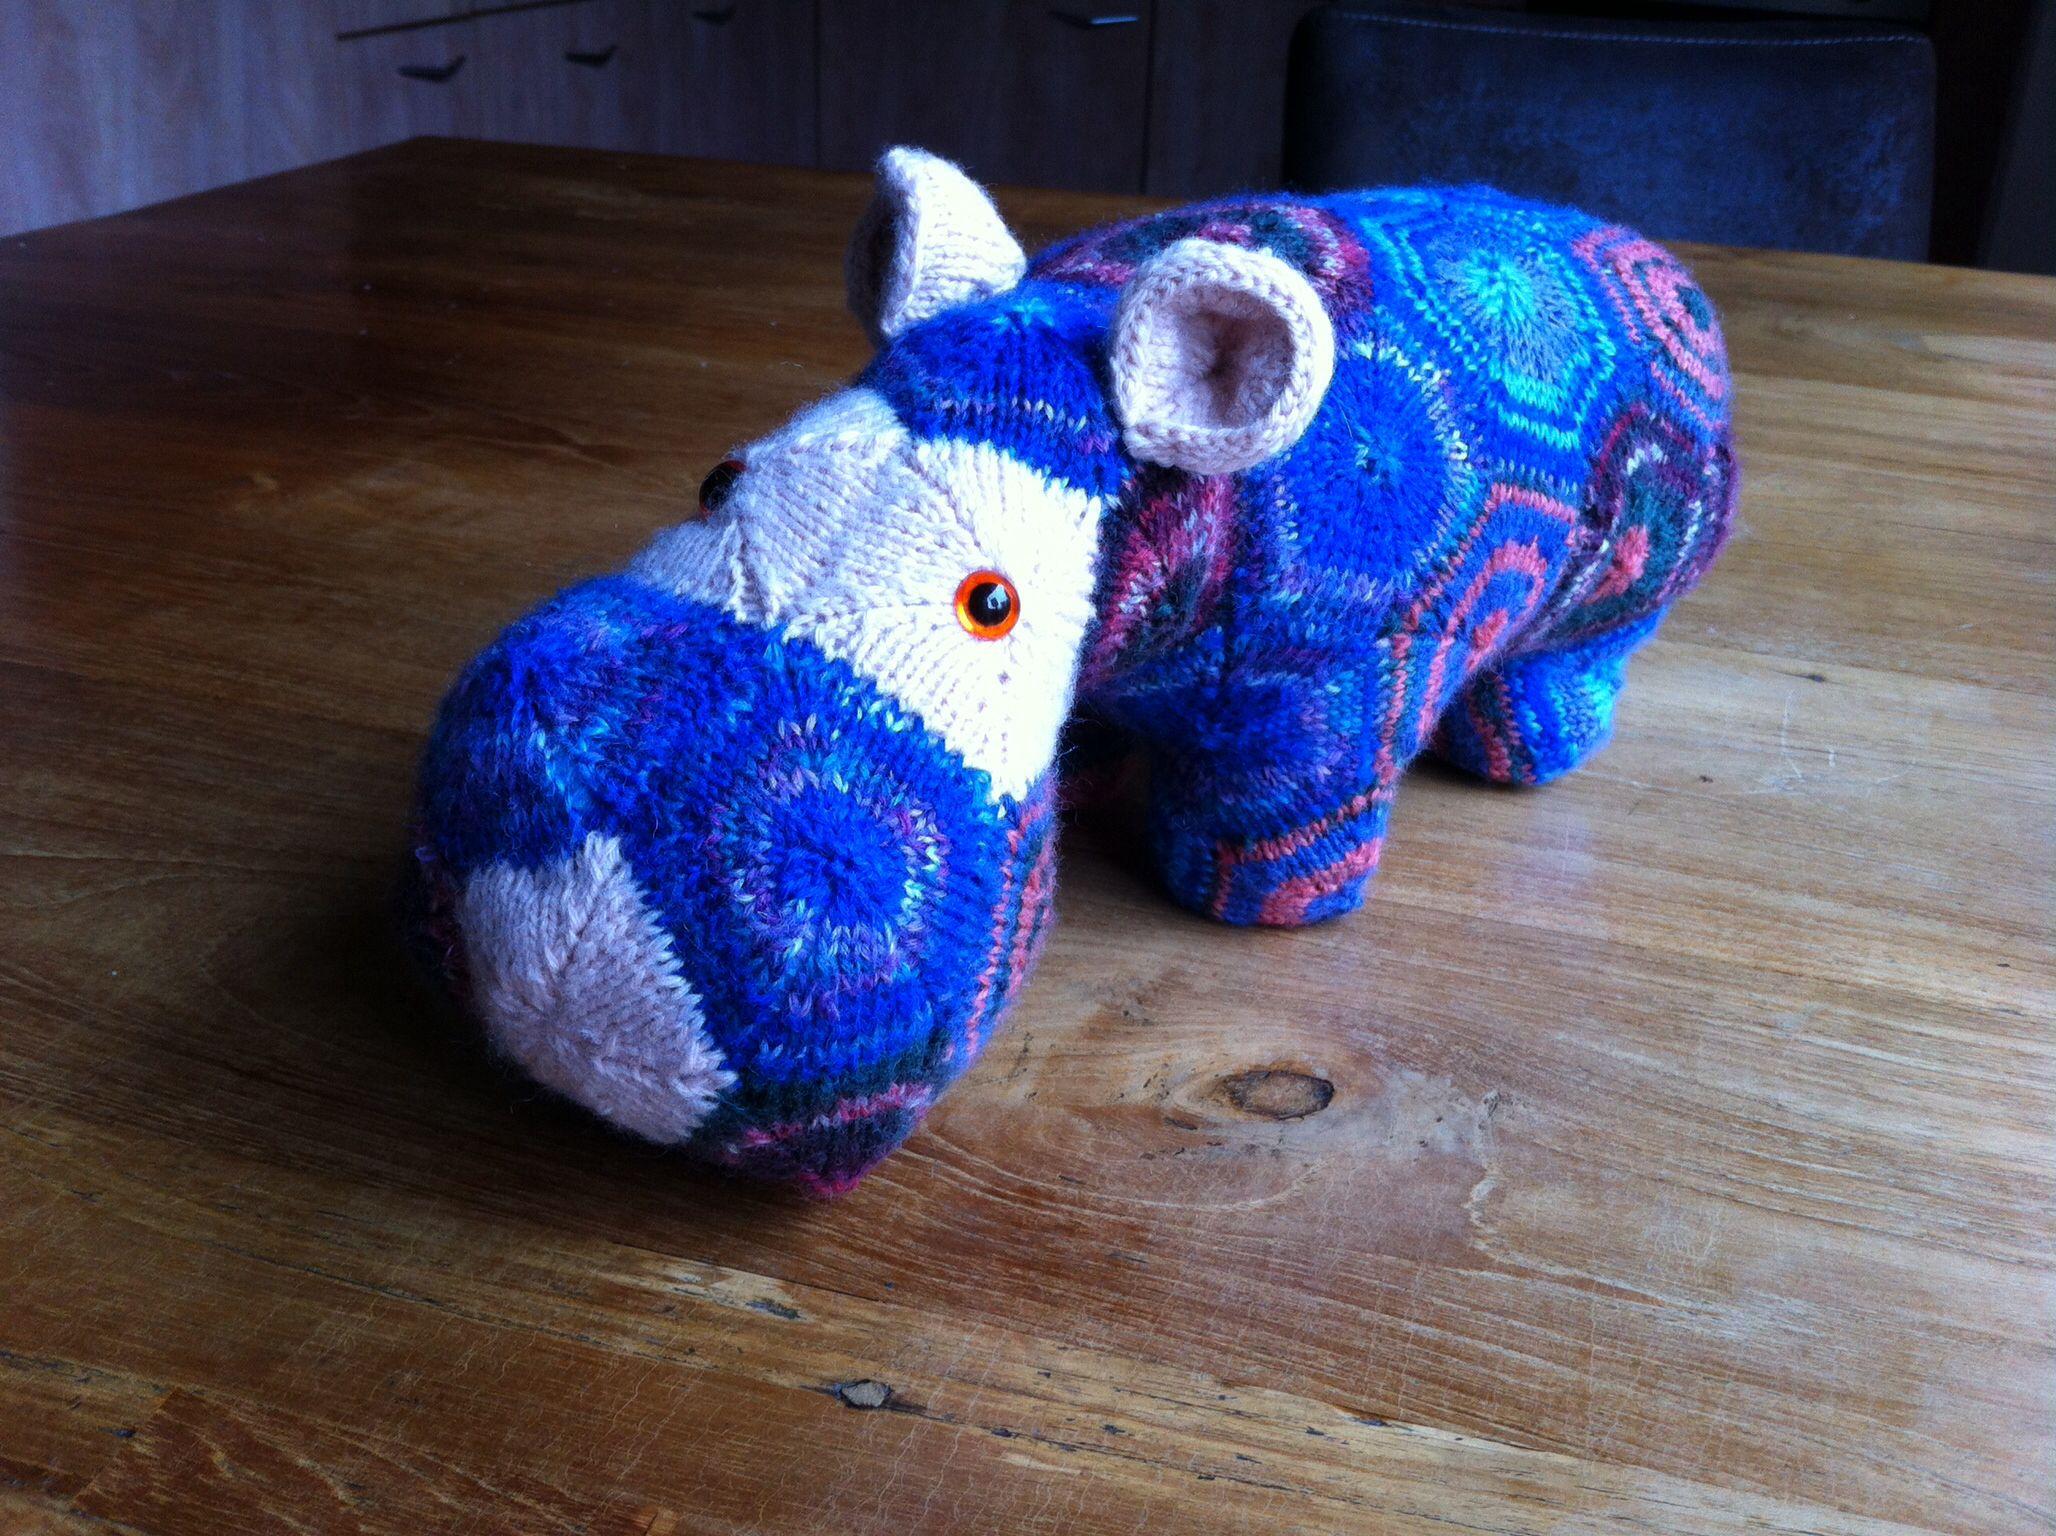 Mijn eigen nijlpaard, na een patroon van Heide Bears